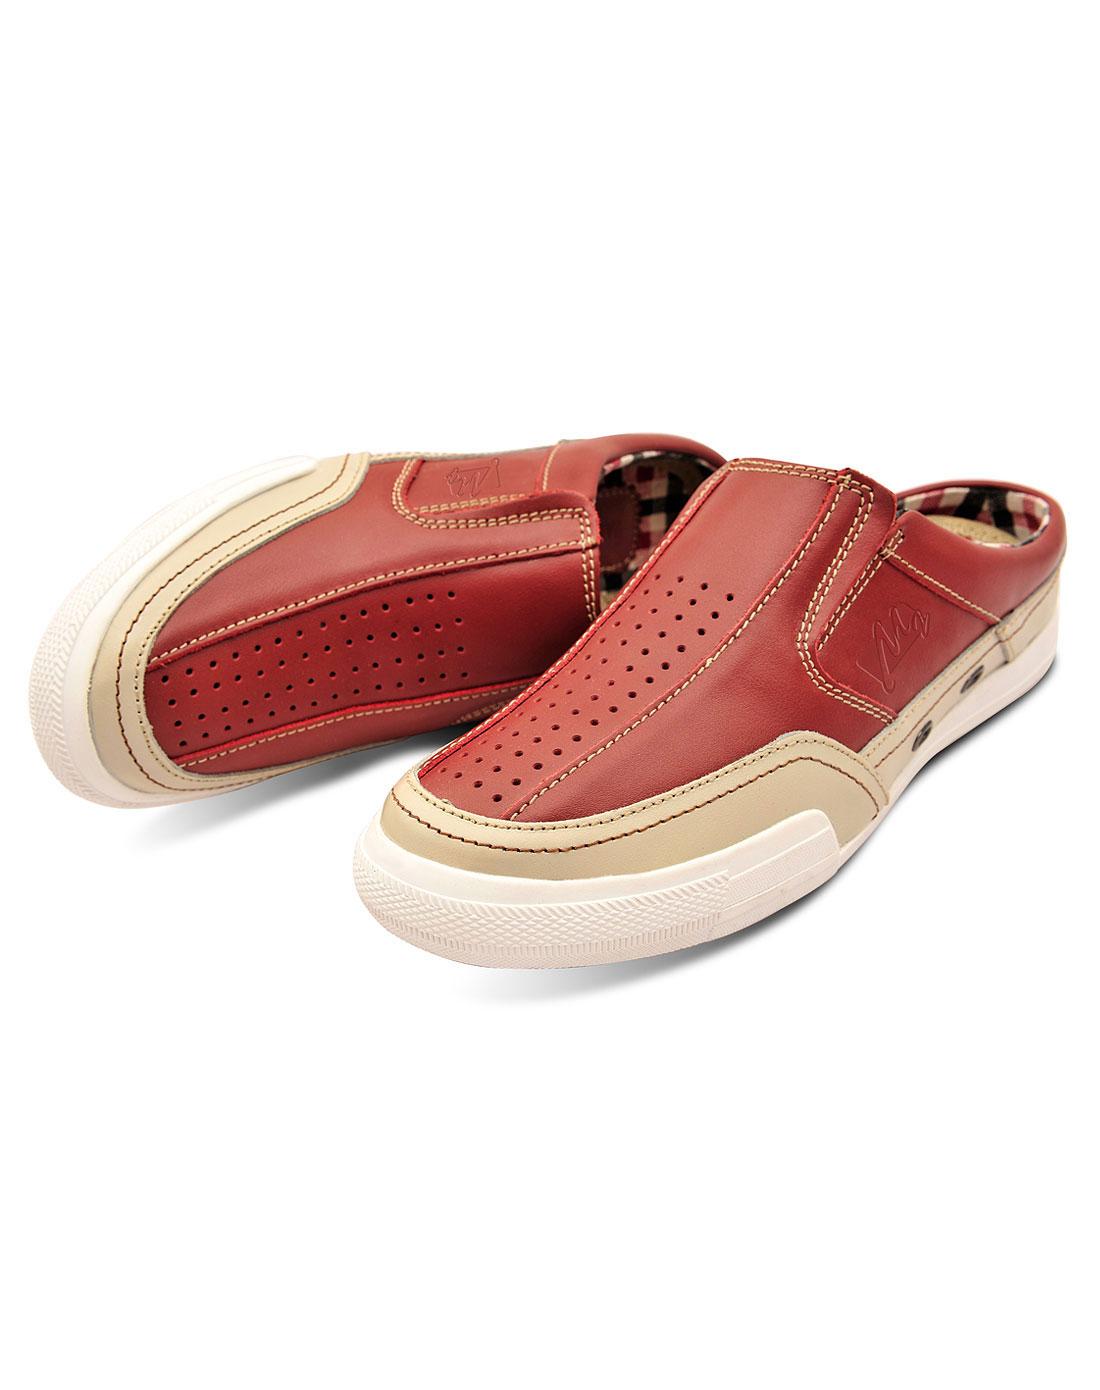 款酒红色休闲半拖懒人鞋